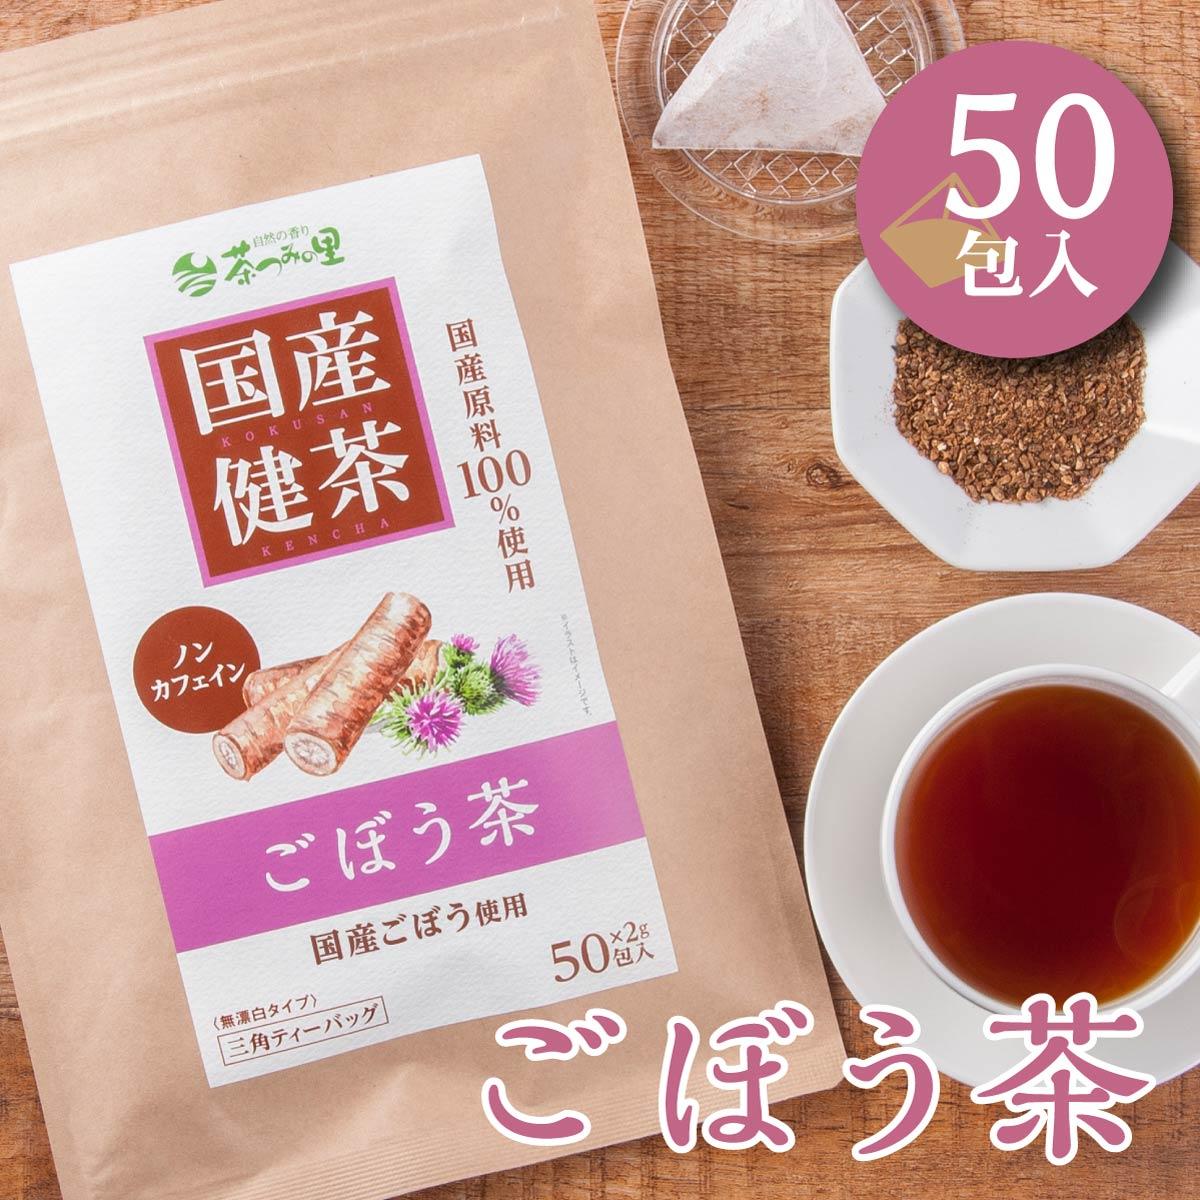 初売り 100%長野産原料 すべて国内製造で安心 ポストへお届け 新発売 初回限定 国産 ごぼう茶 2g×50包入 ティーバッグ 健康茶 ゴボウ茶 送料無料 ゴボウ 牛蒡 ノンカフェイン ティーパック